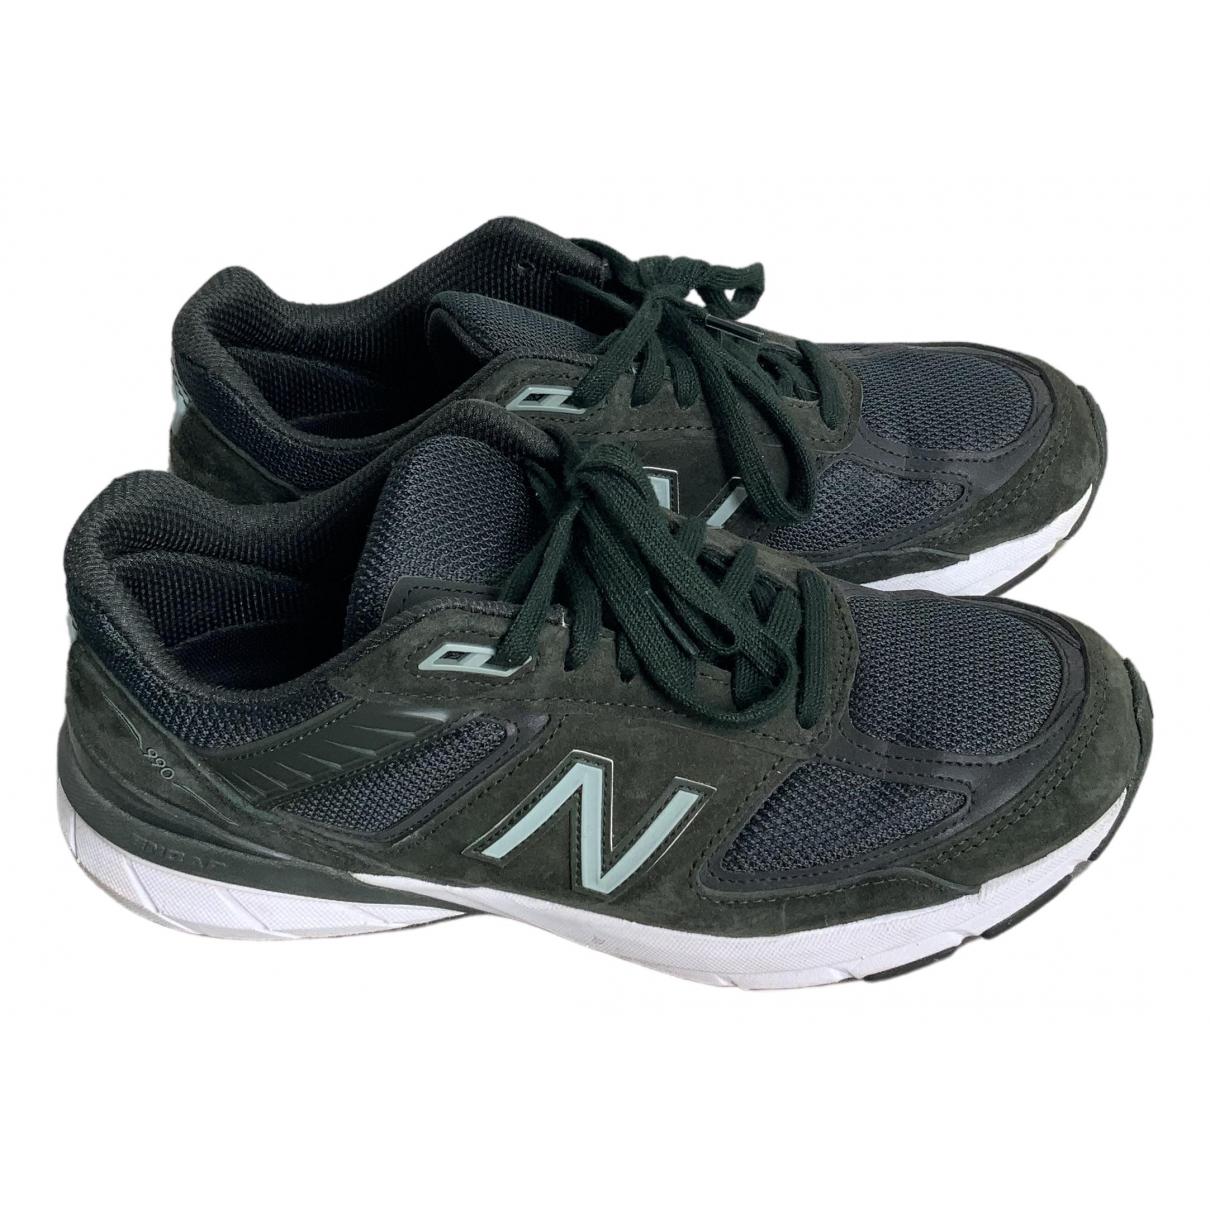 New Balance - Baskets   pour homme en suede - vert